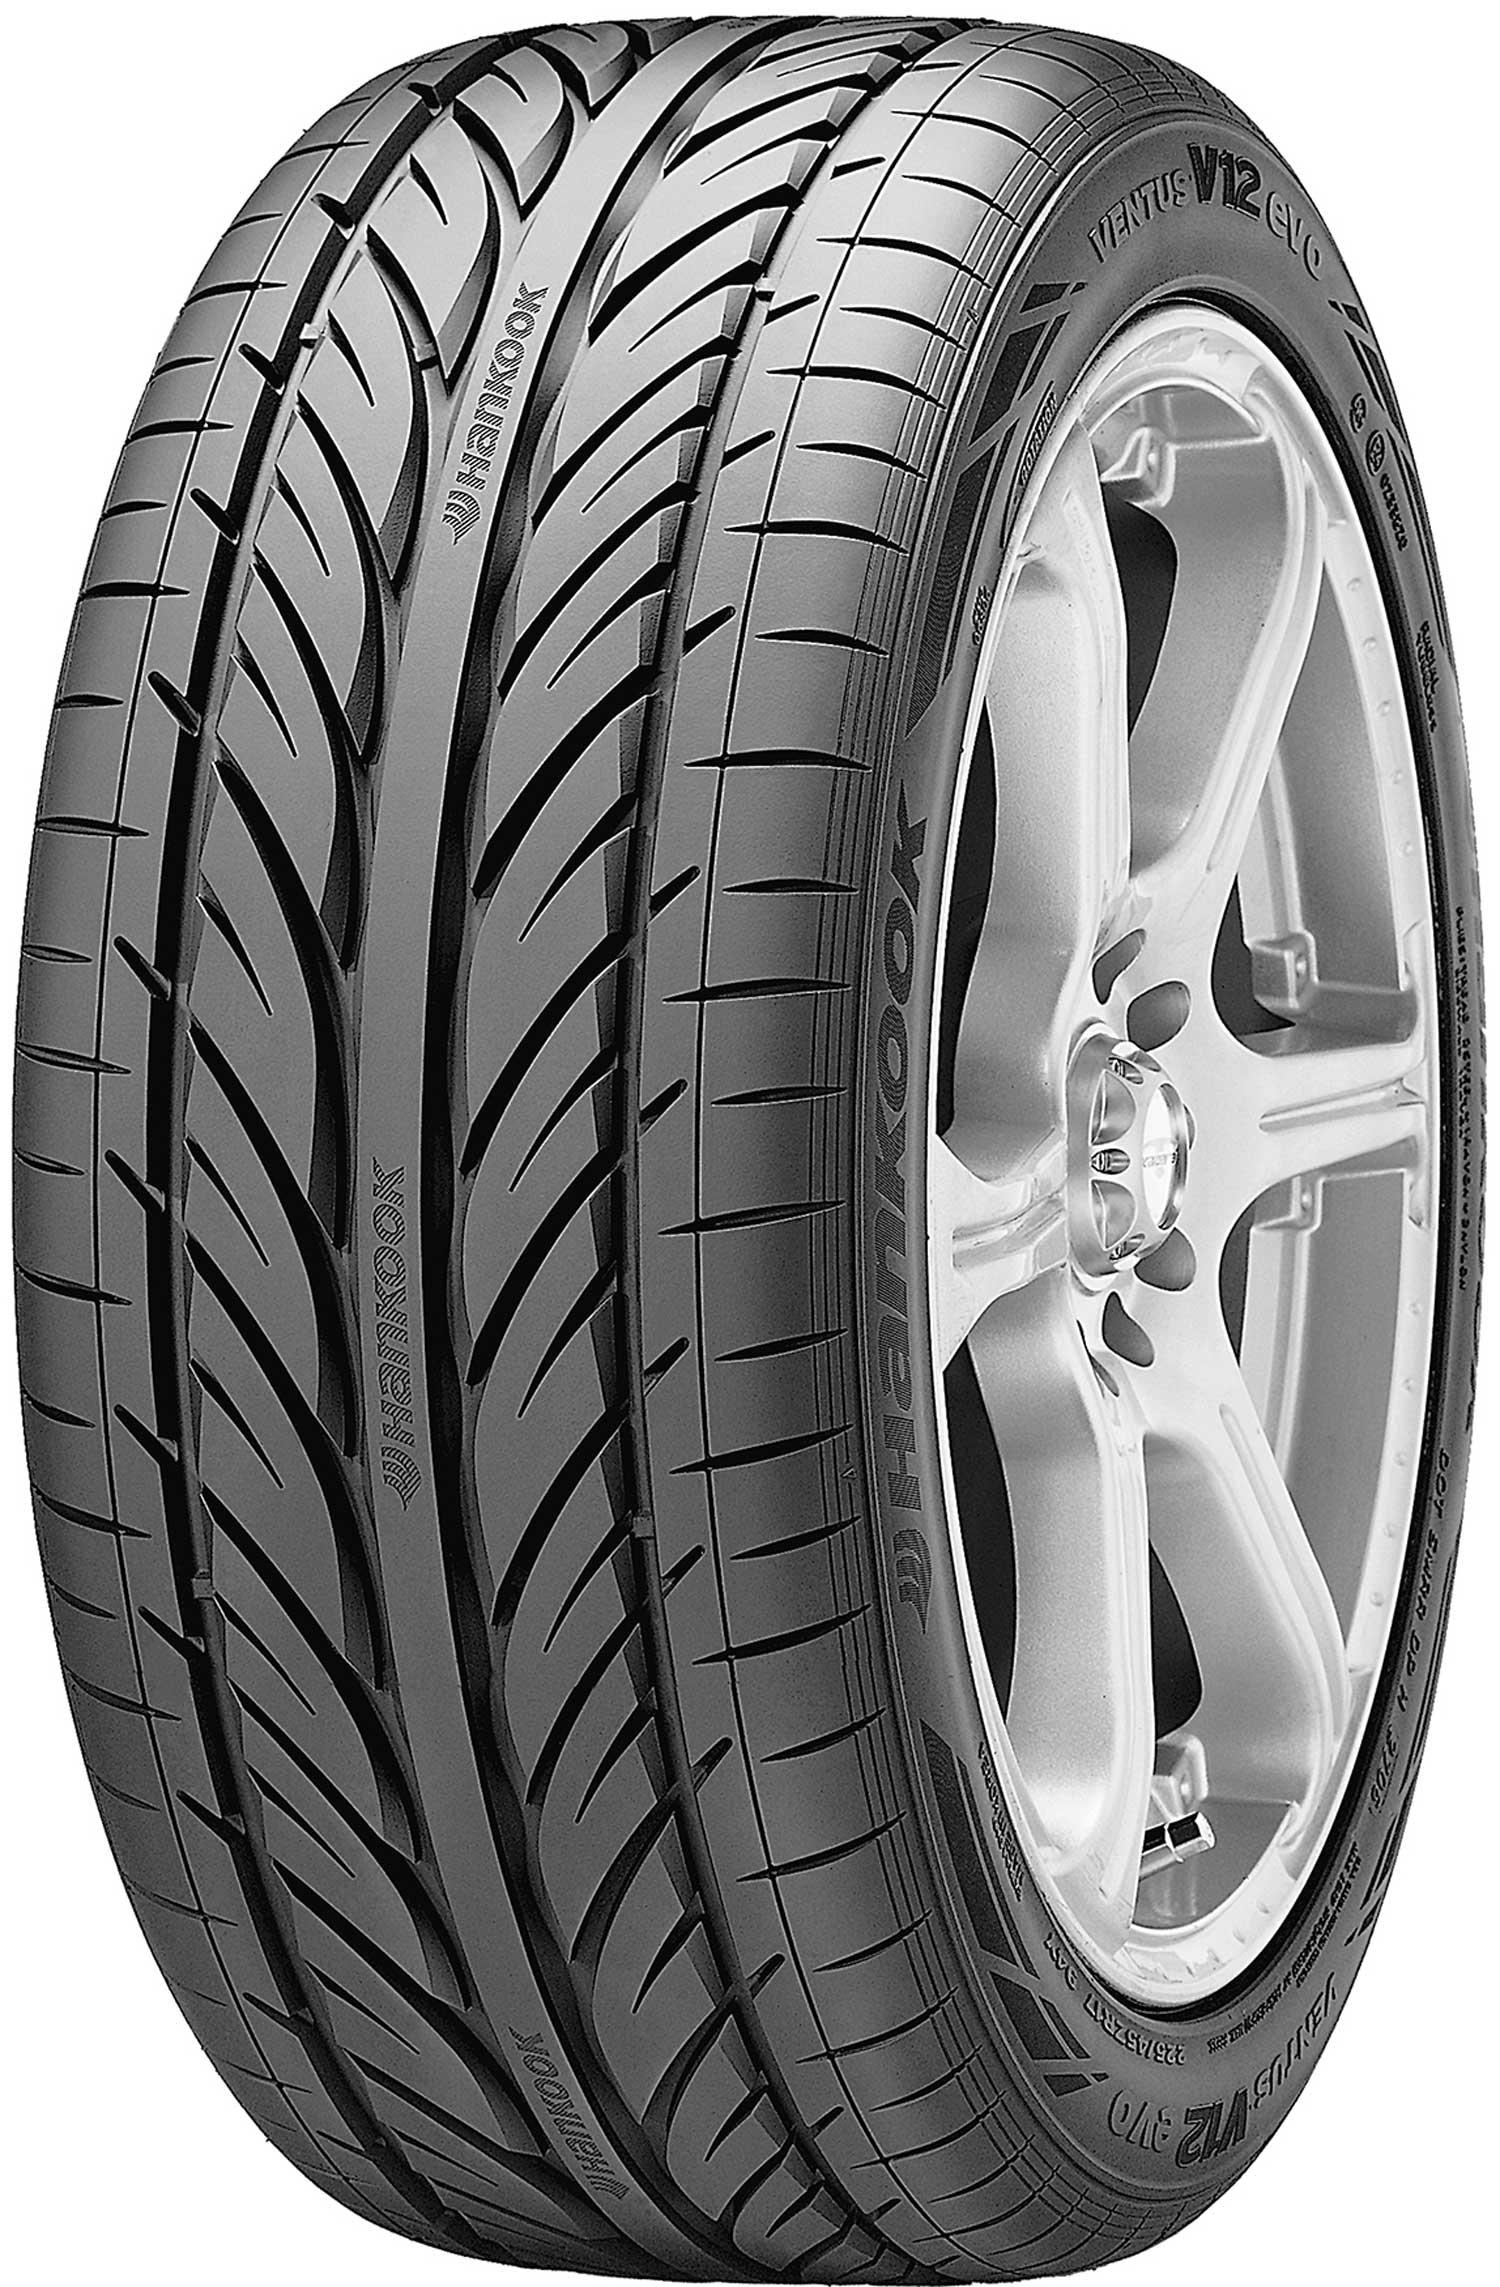 Ventus V12 Evo 2 K120 Hankook Tires